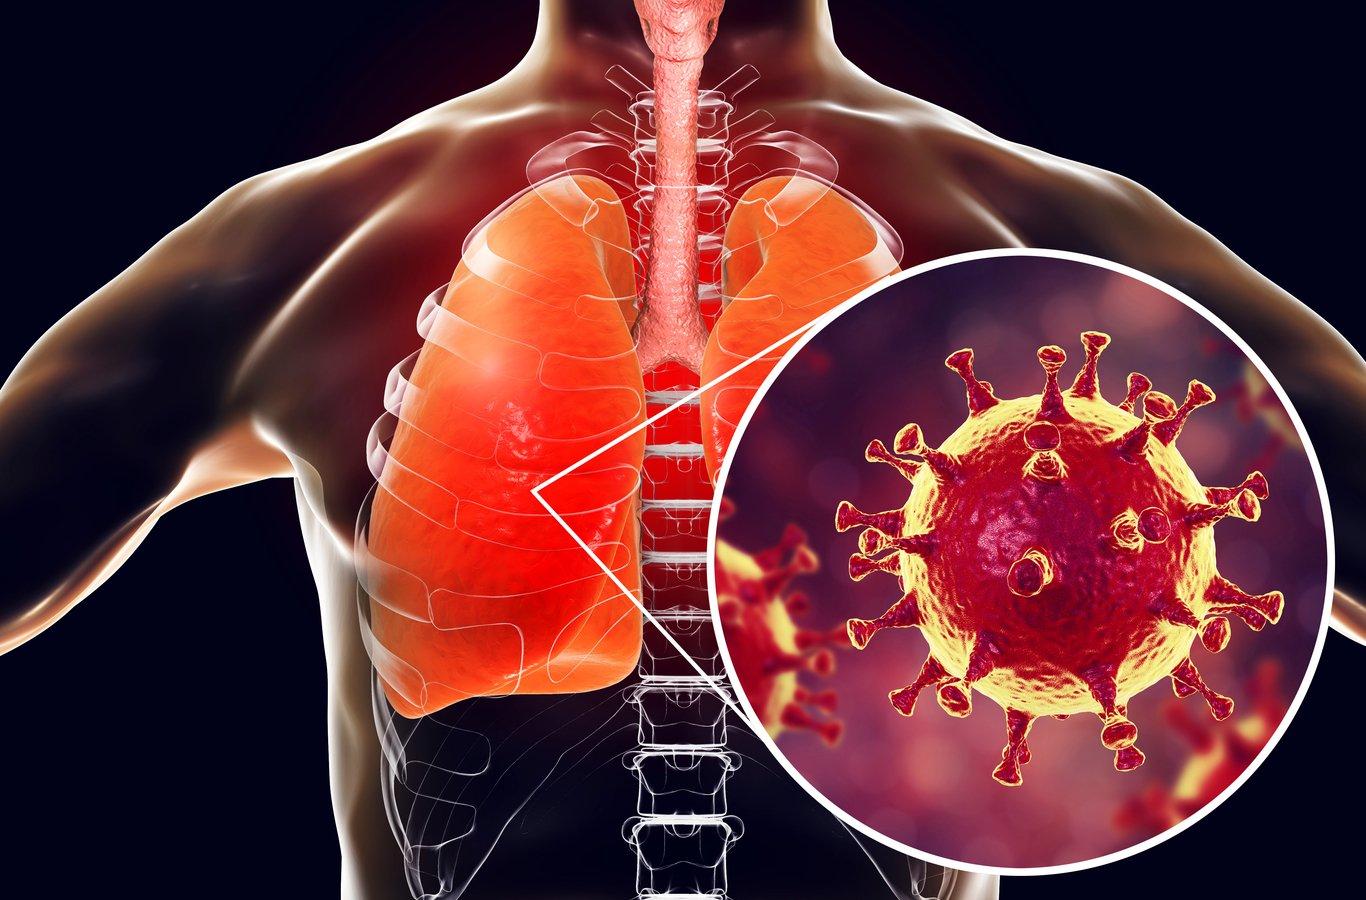 УЗИ лёгких может выявить коронавирус!